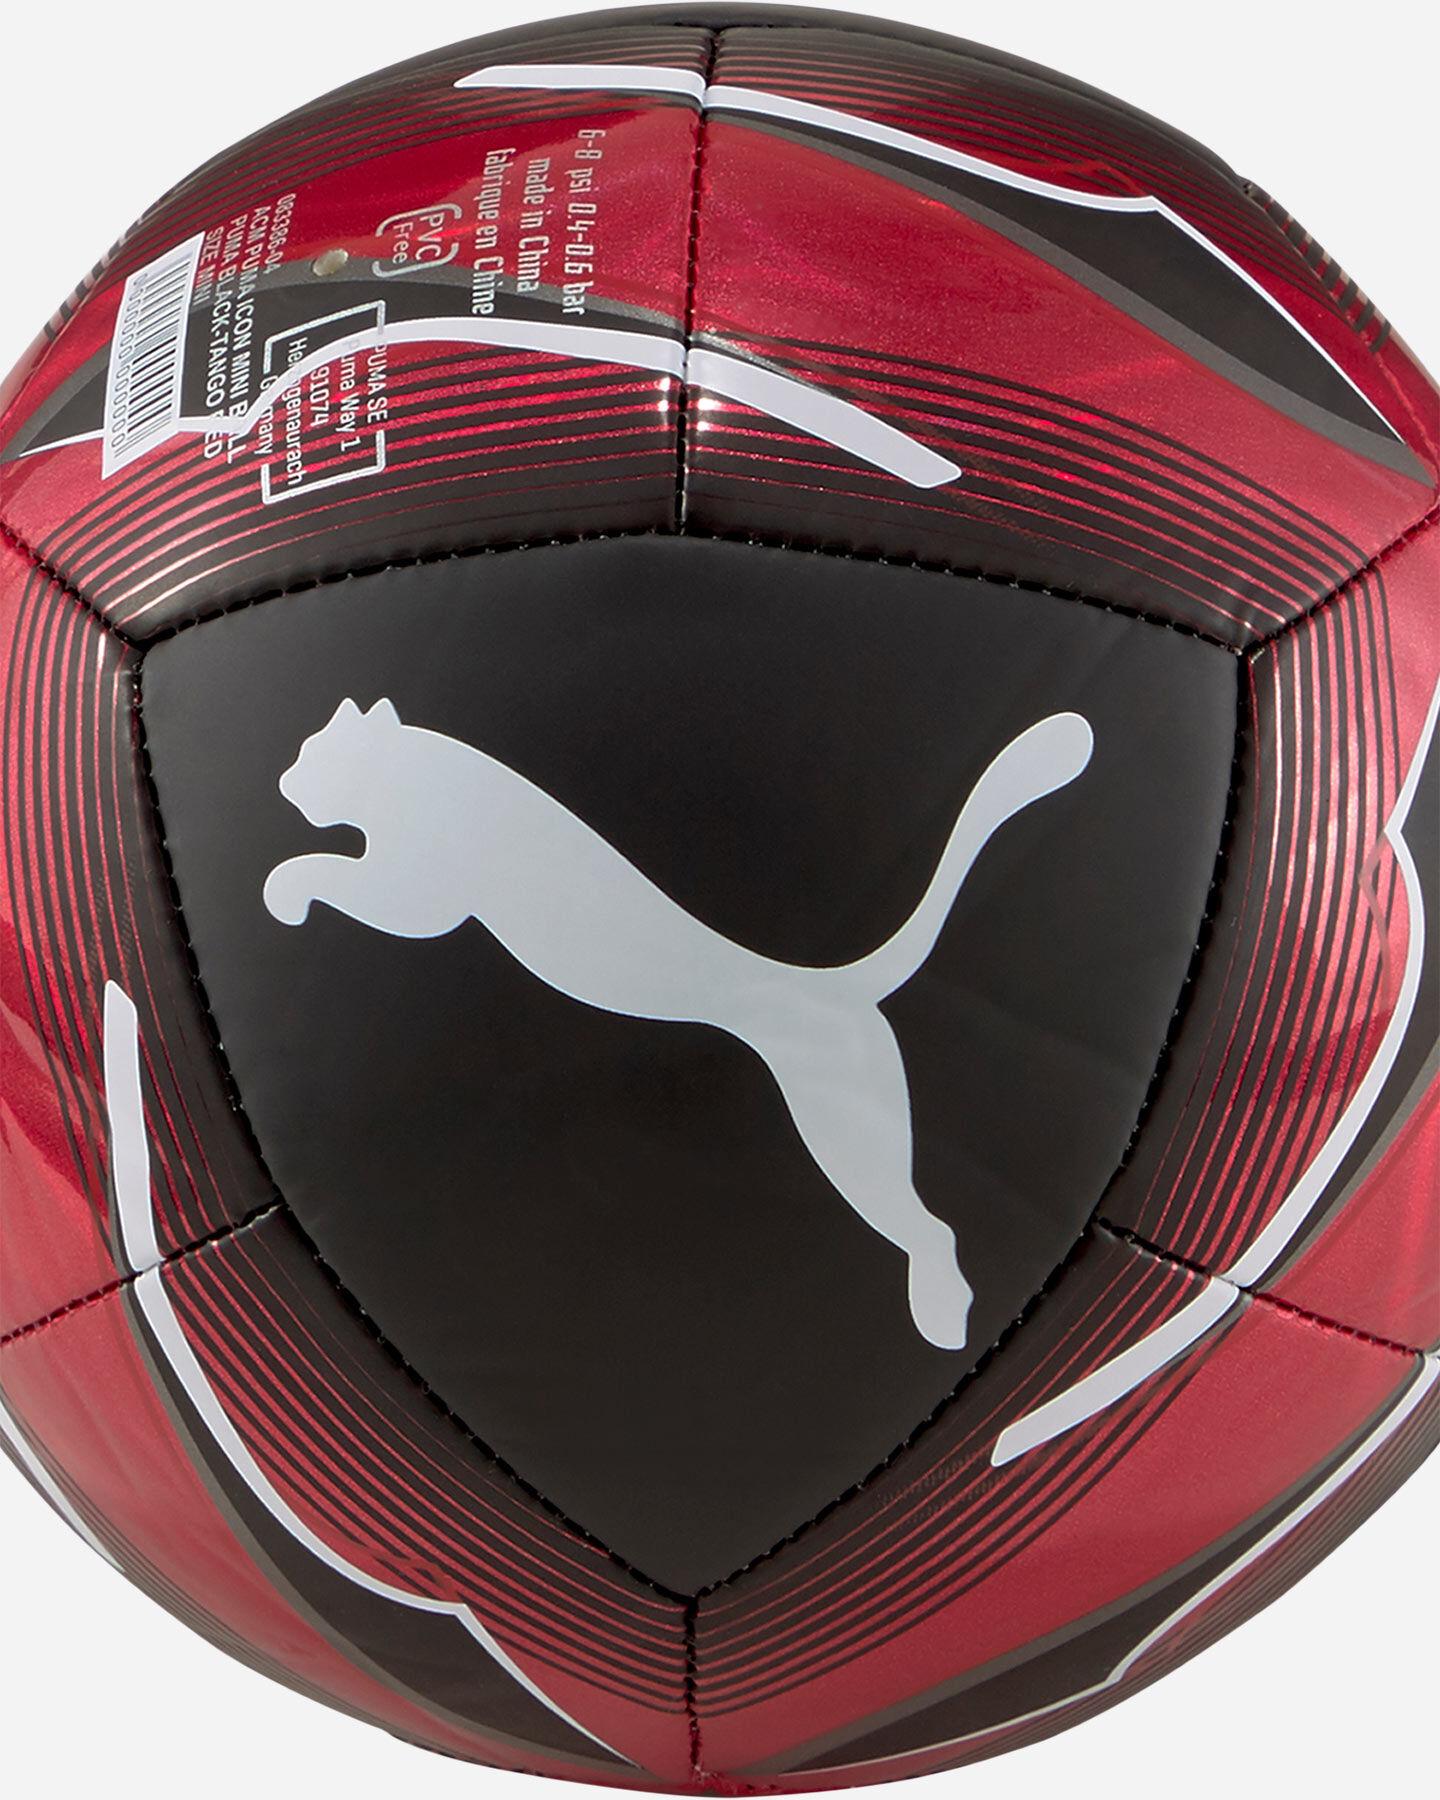 Pallone calcio PUMA MILAN ICON S5233978|04|MINI scatto 1